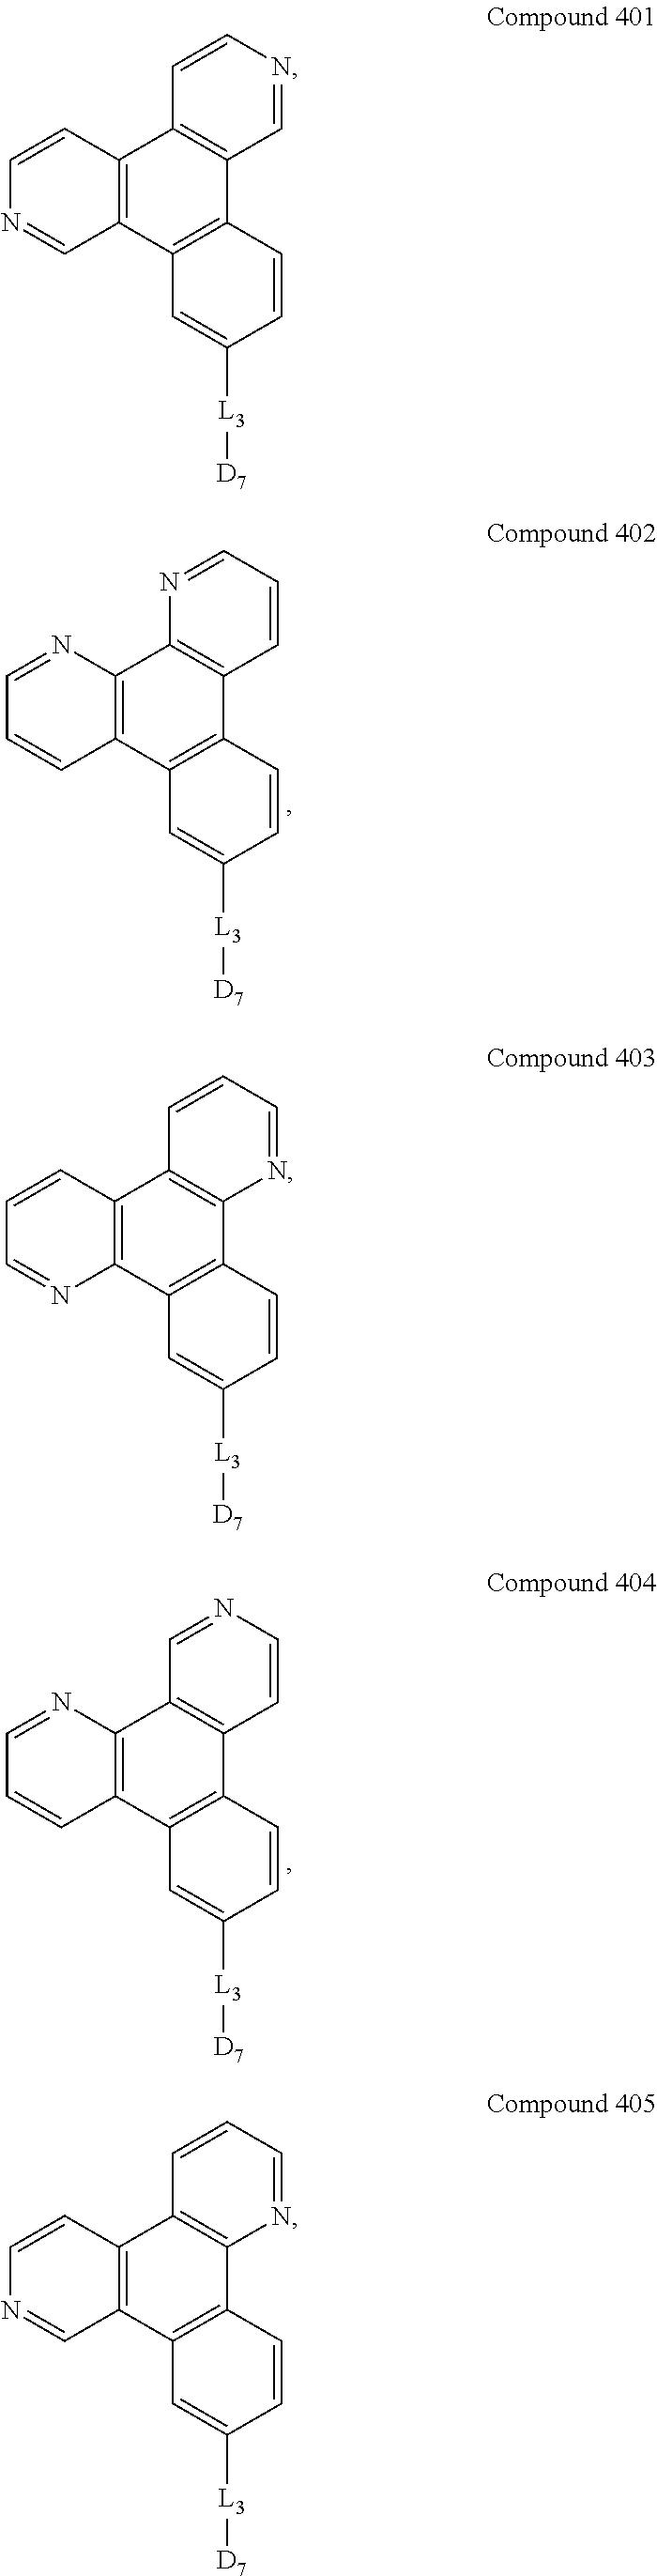 Figure US09537106-20170103-C00236